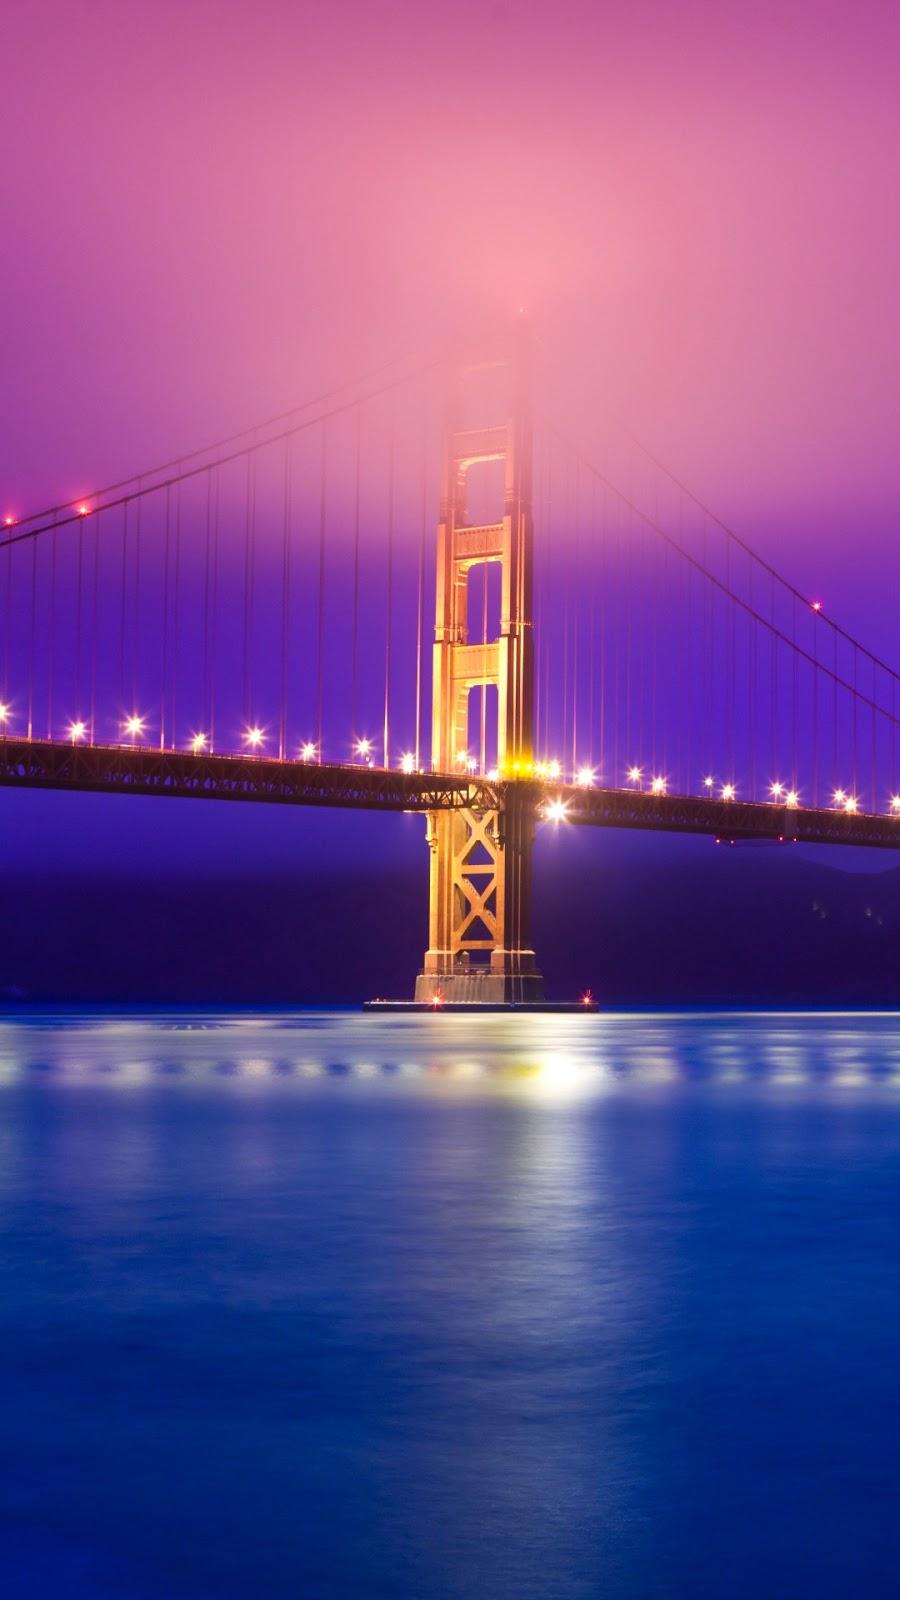 Papel de parede grátis Ponte Golden Gate São Francisco para PC, Notebook, iPhone, Android e Tablet.